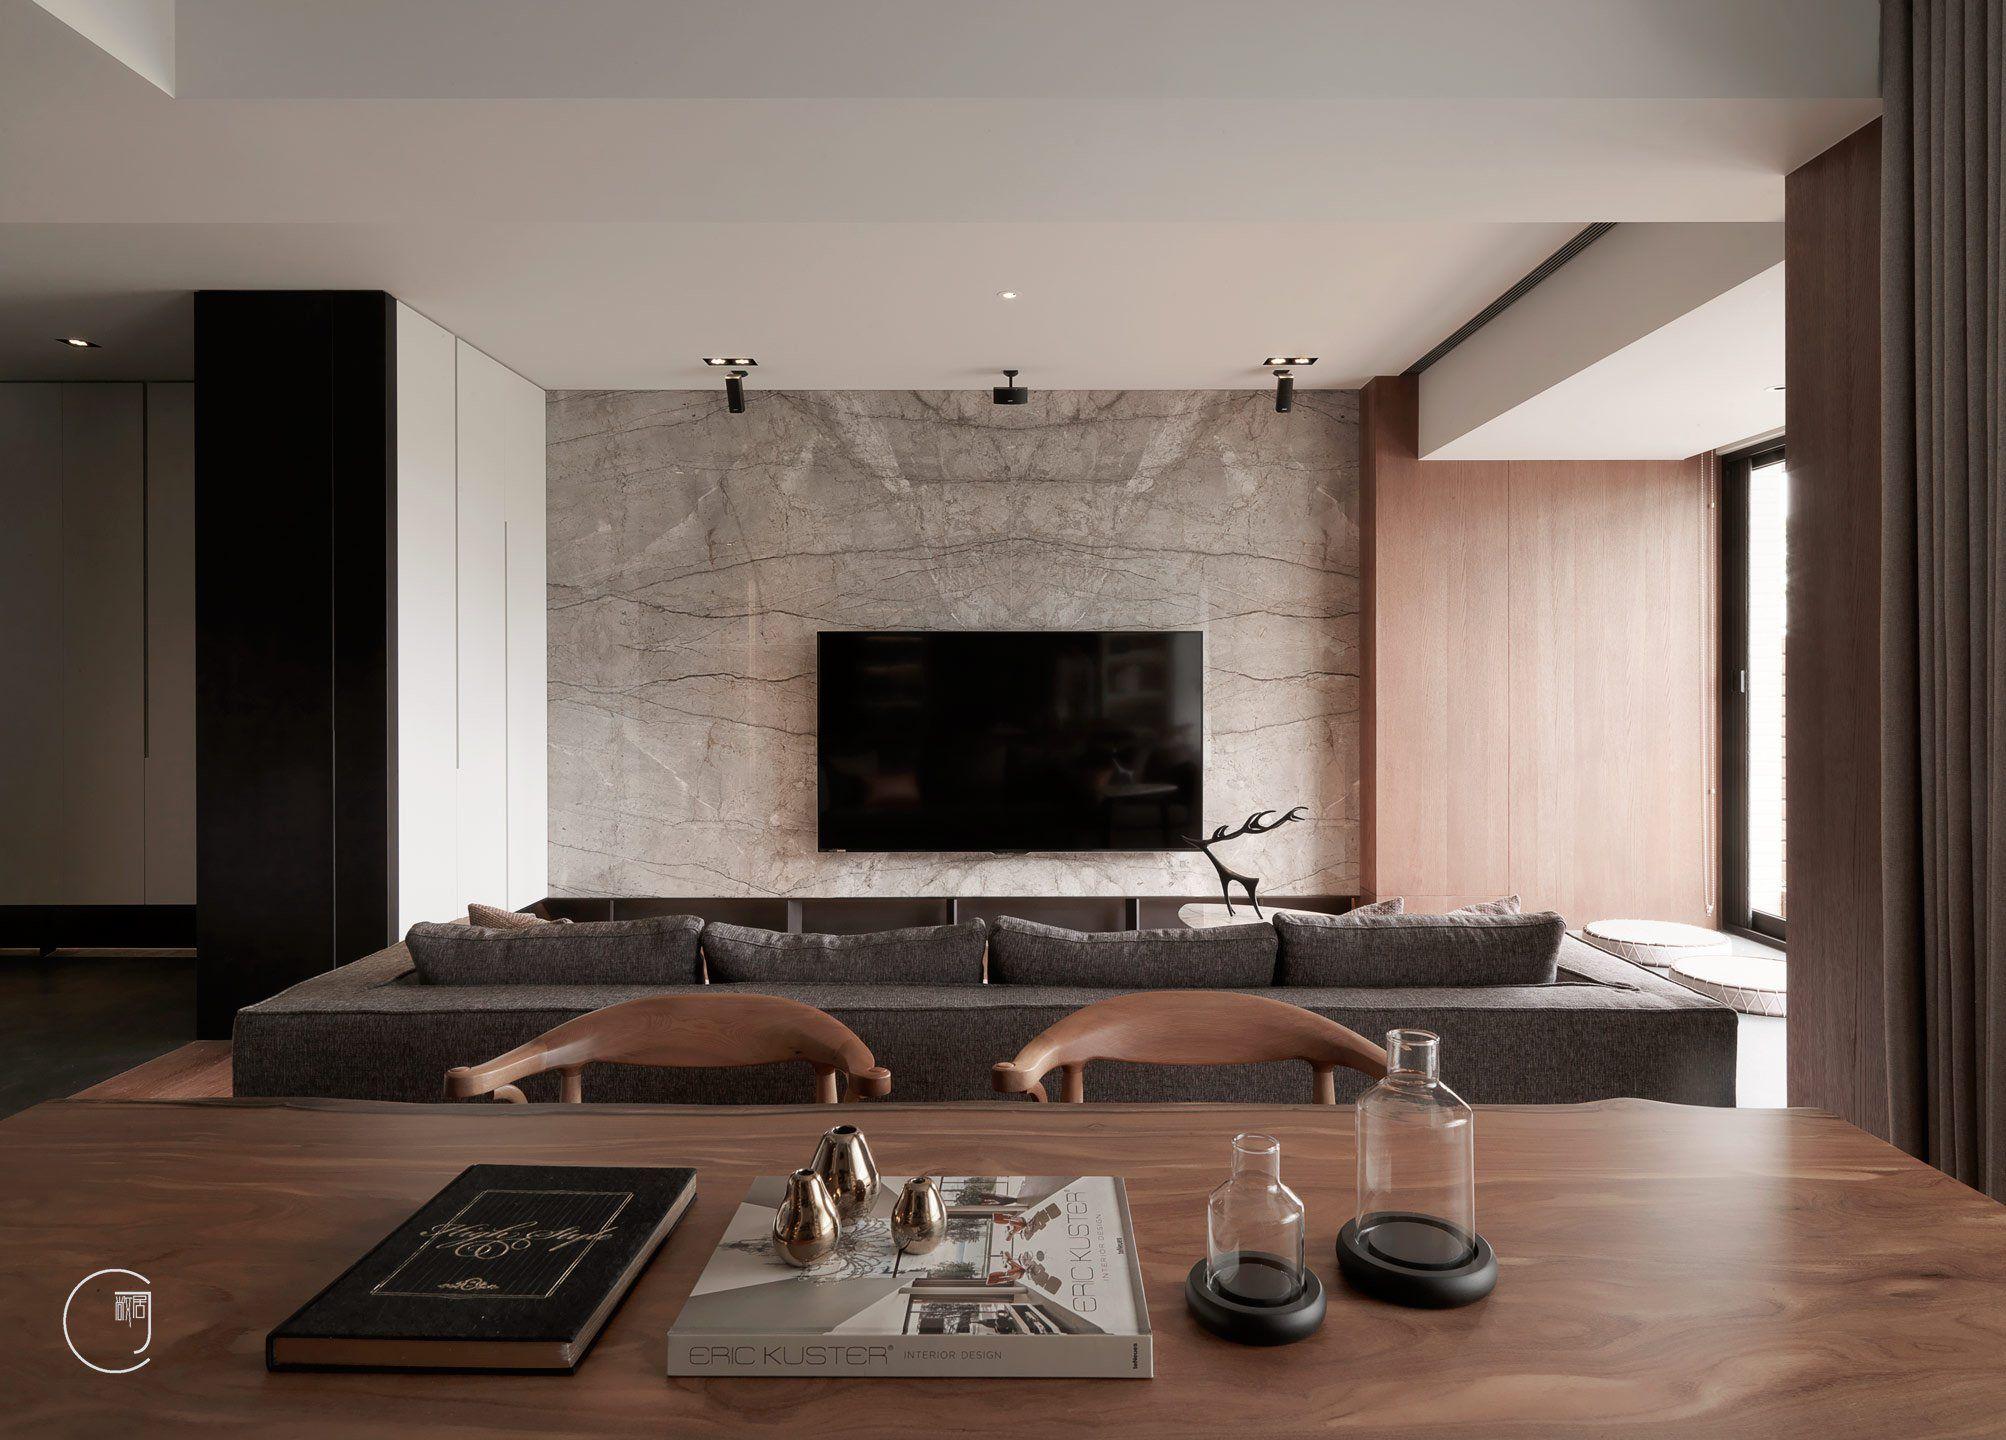 敞居空間設計-作品列表   Гостиная, Sectional couch